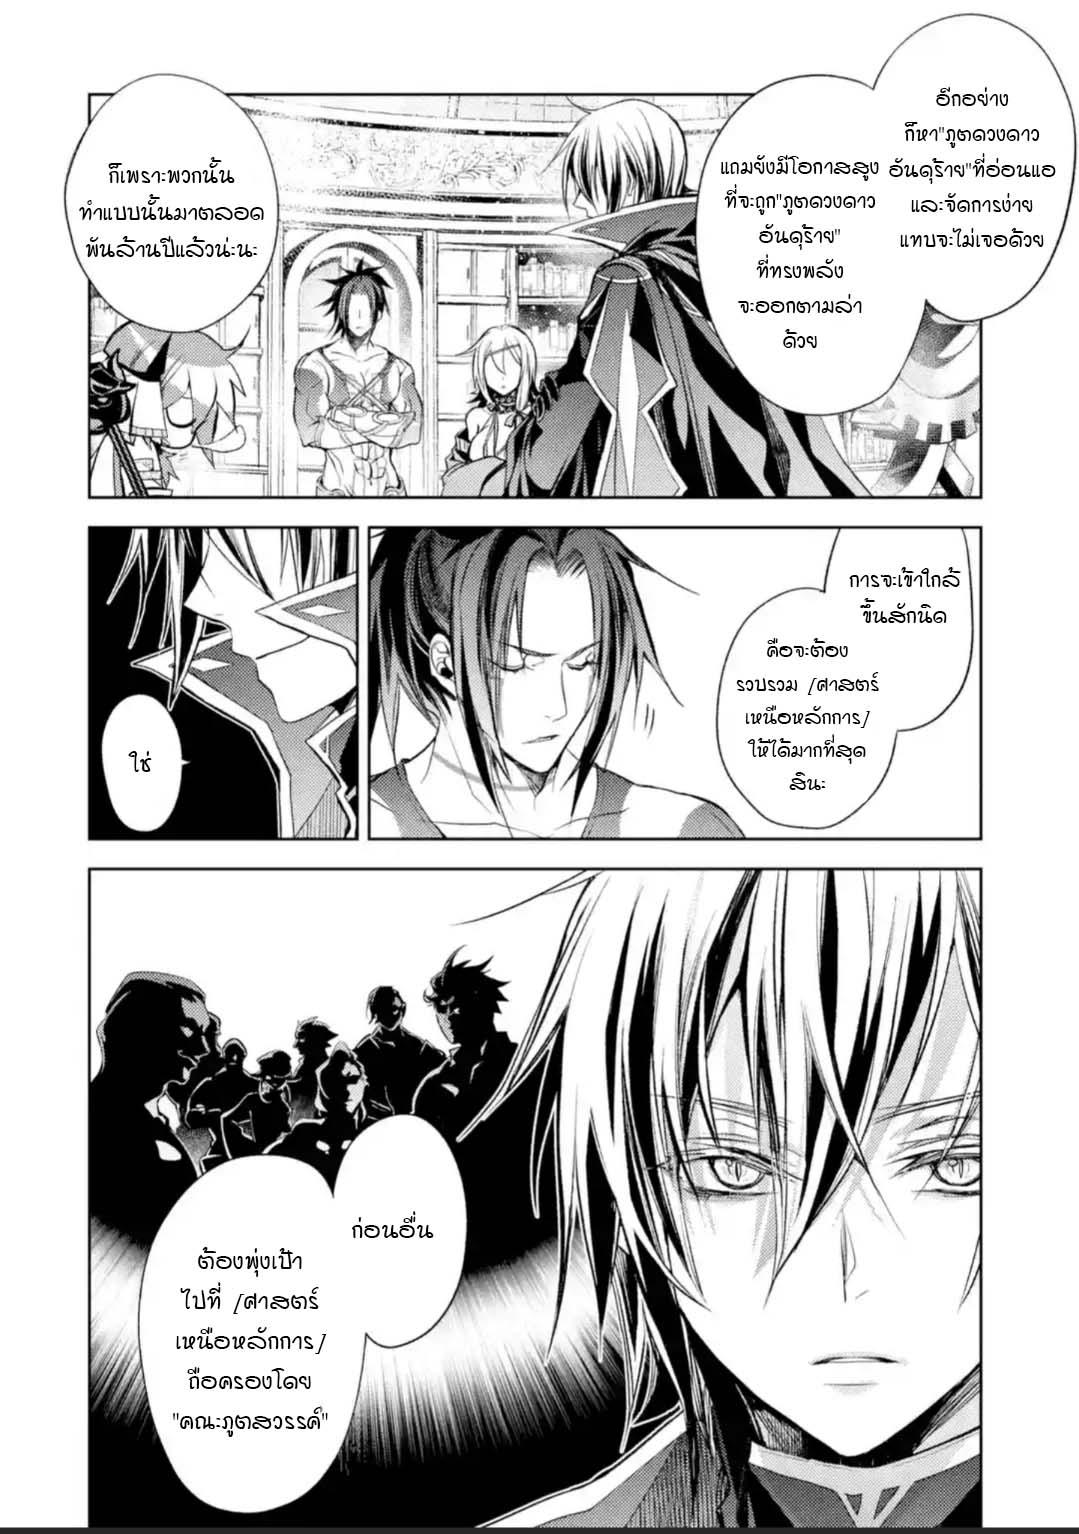 อ่านการ์ตูน Senmetsumadou no Saikyokenja ตอนที่ 8.2 หน้าที่ 7